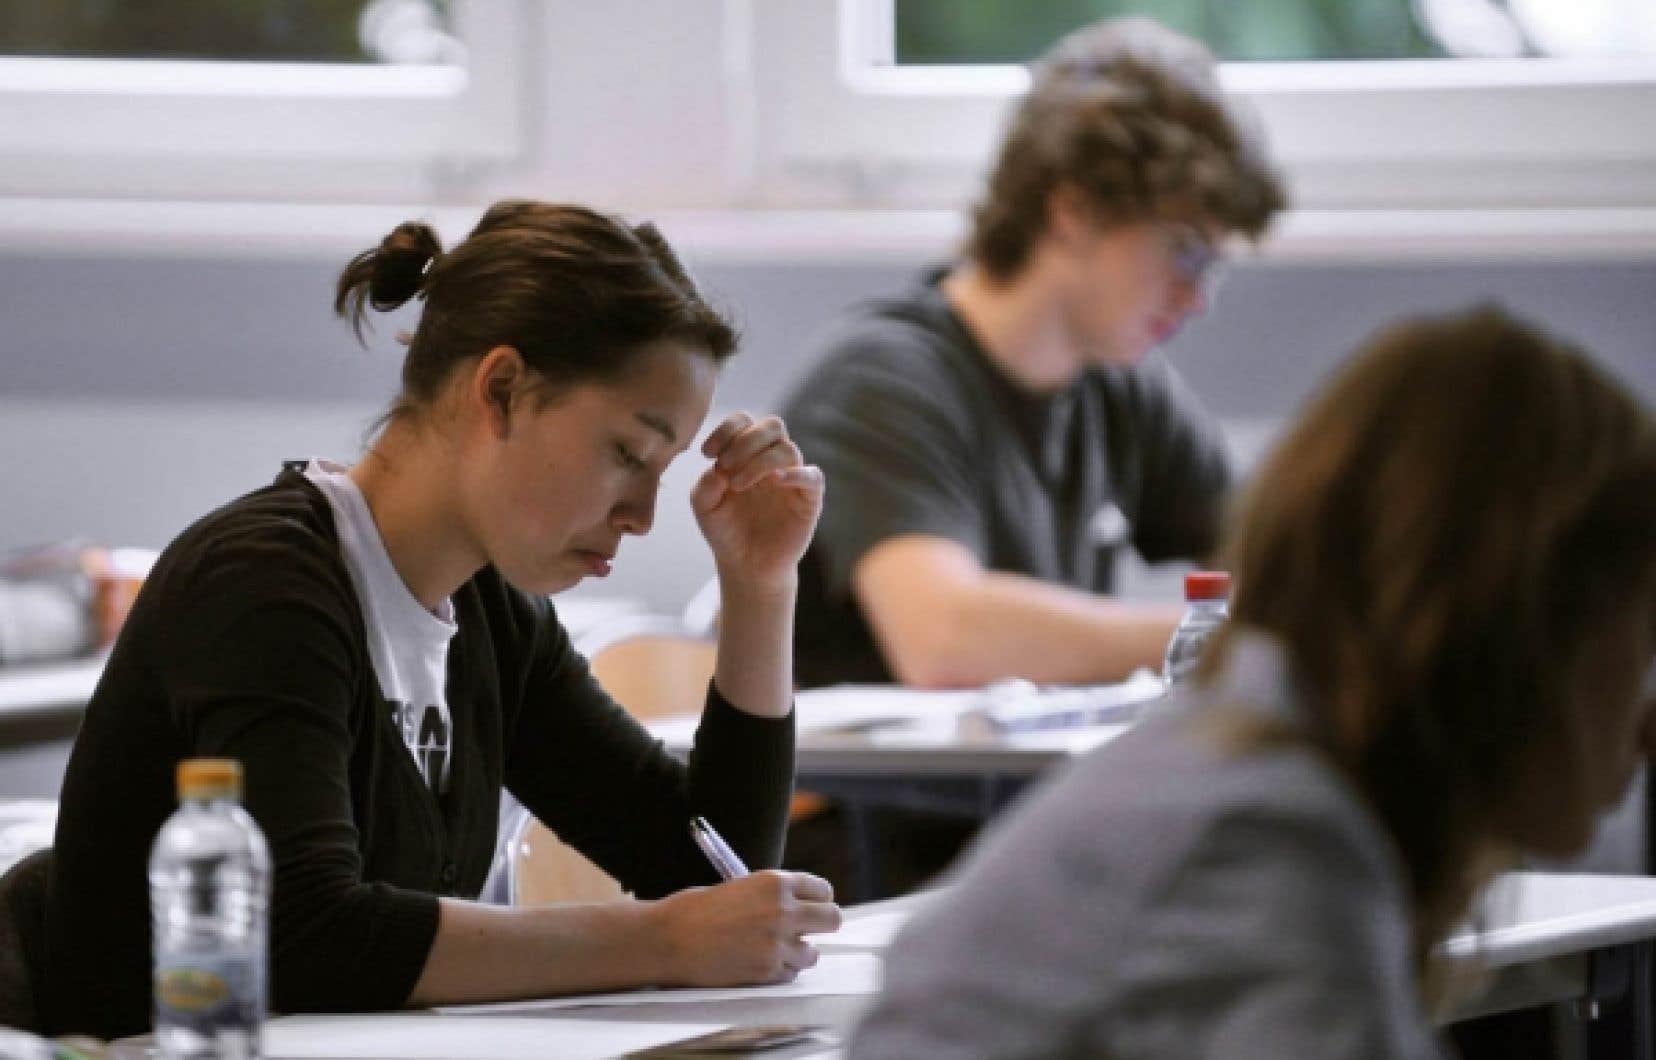 Parmi les 12 grandes compétences que les étudiants doivent acquérir à la fin de leur parcours collégial, aucune ne fait mention du Québec et de son histoire.